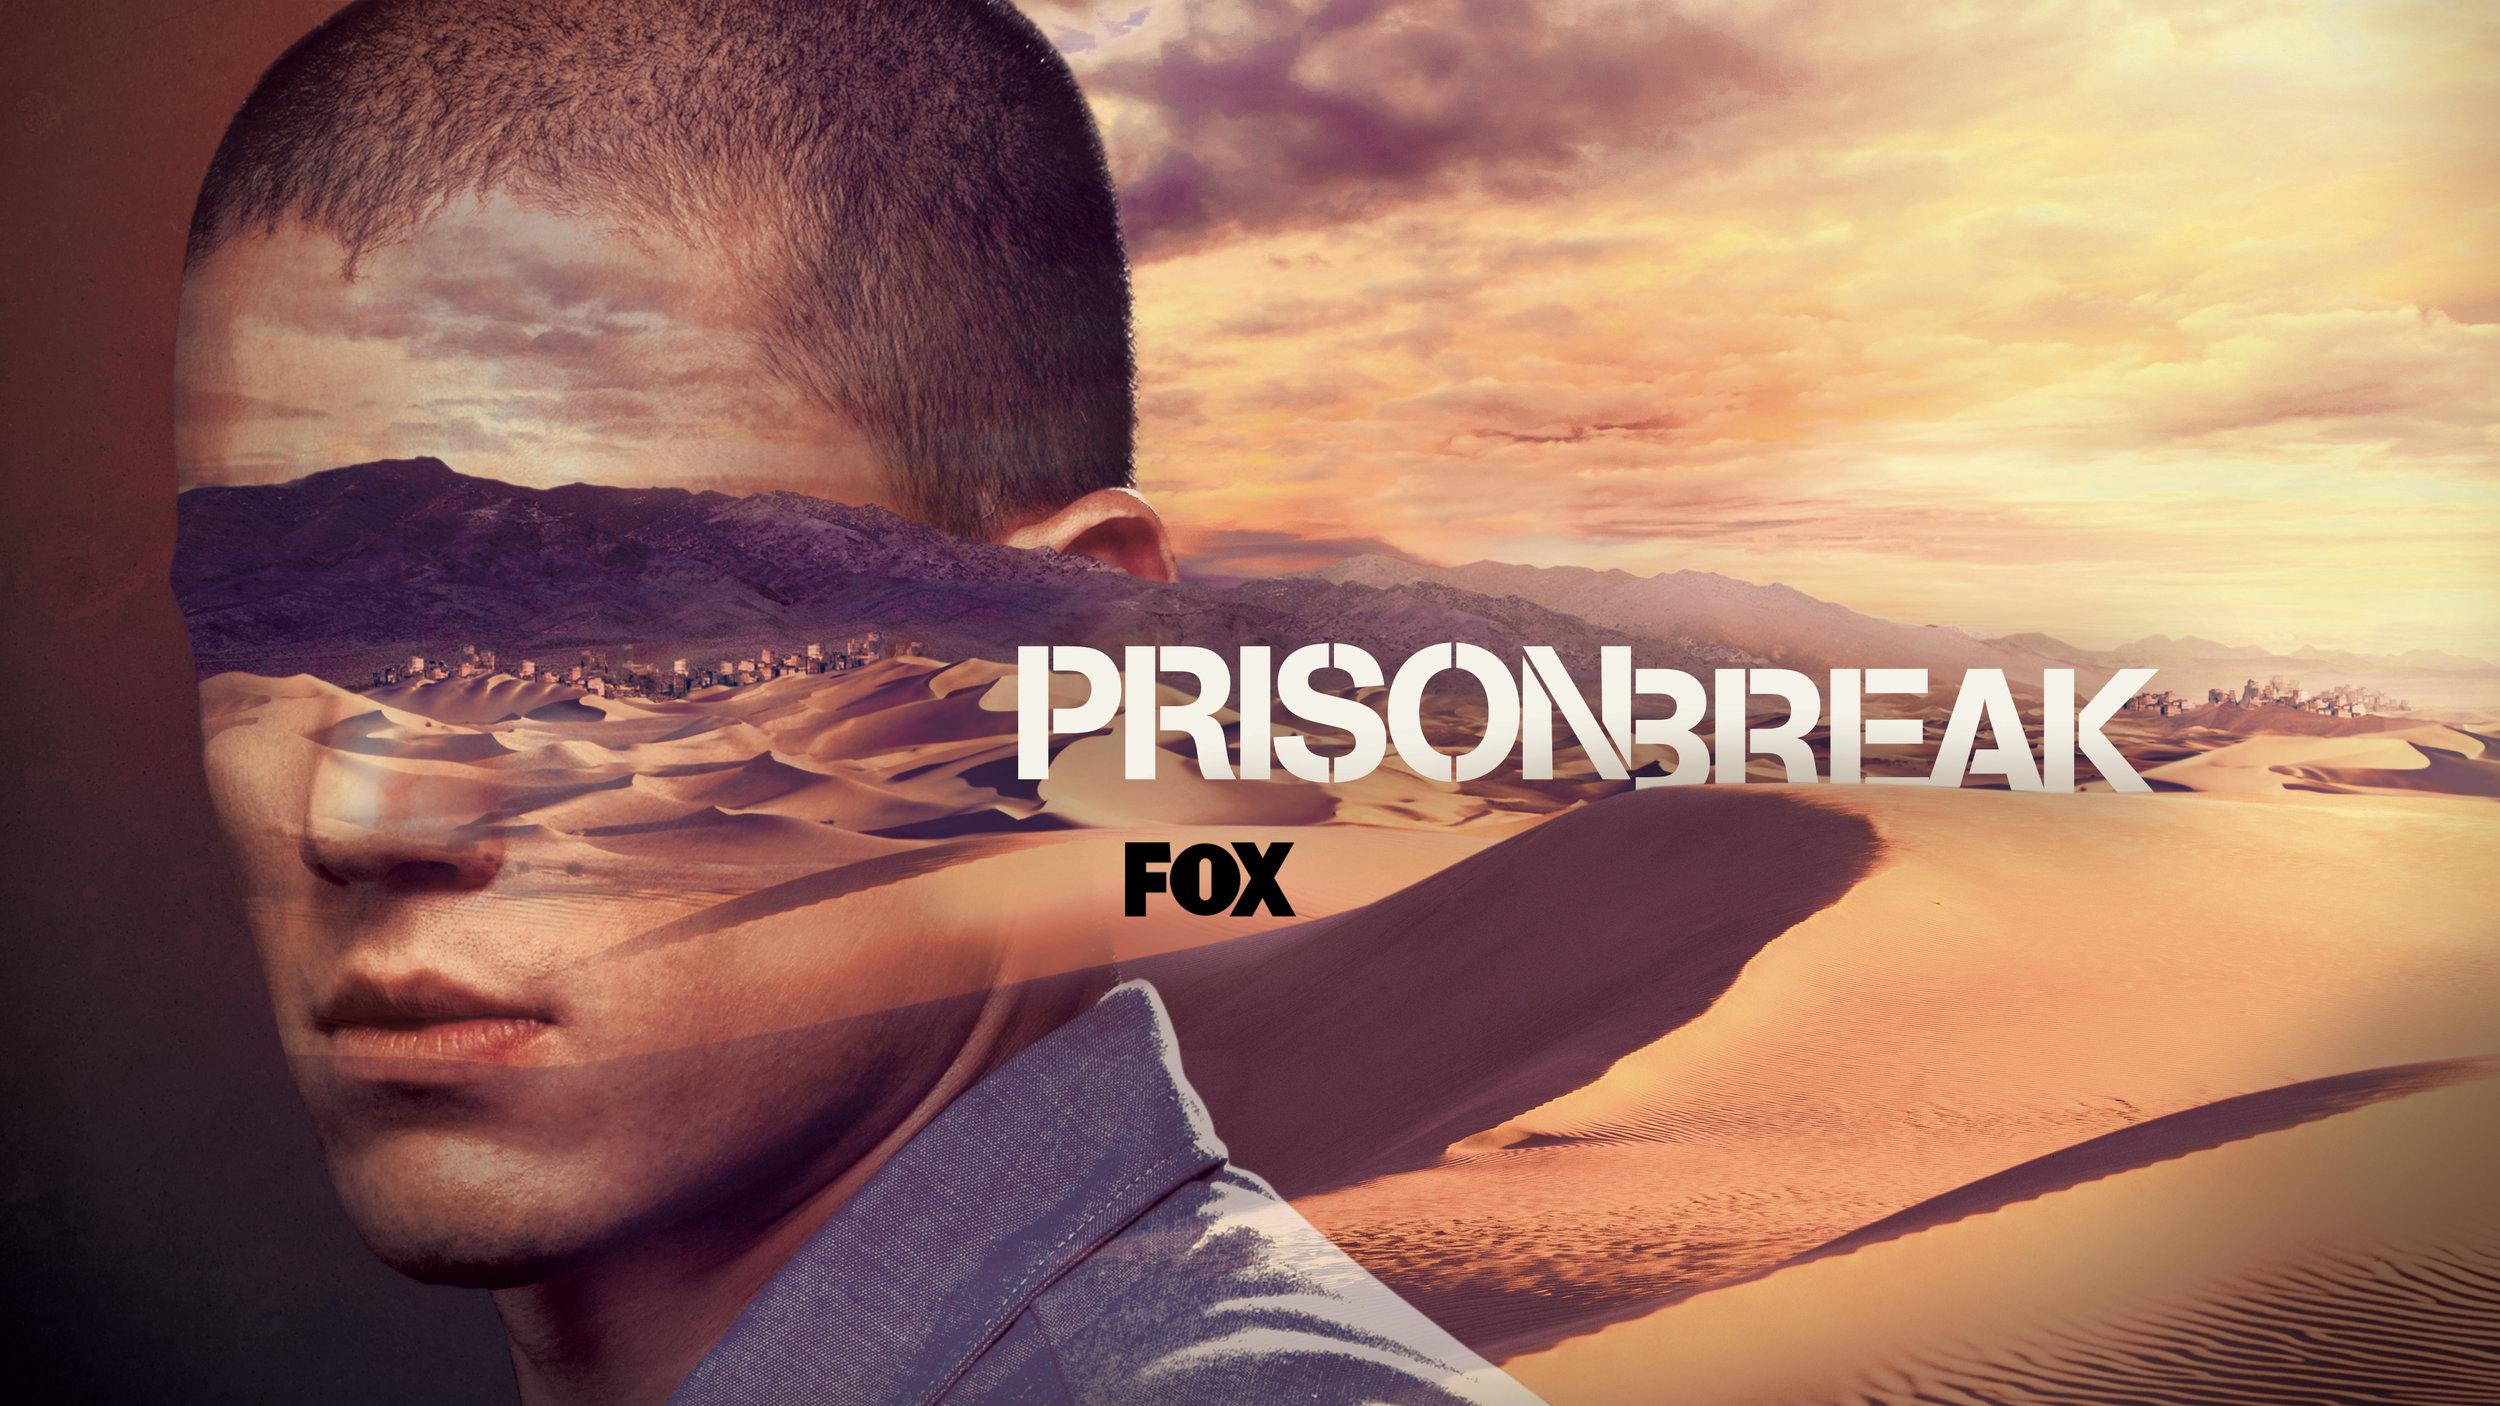 Prison_Break_Style04_RGB_022516_co.jpg